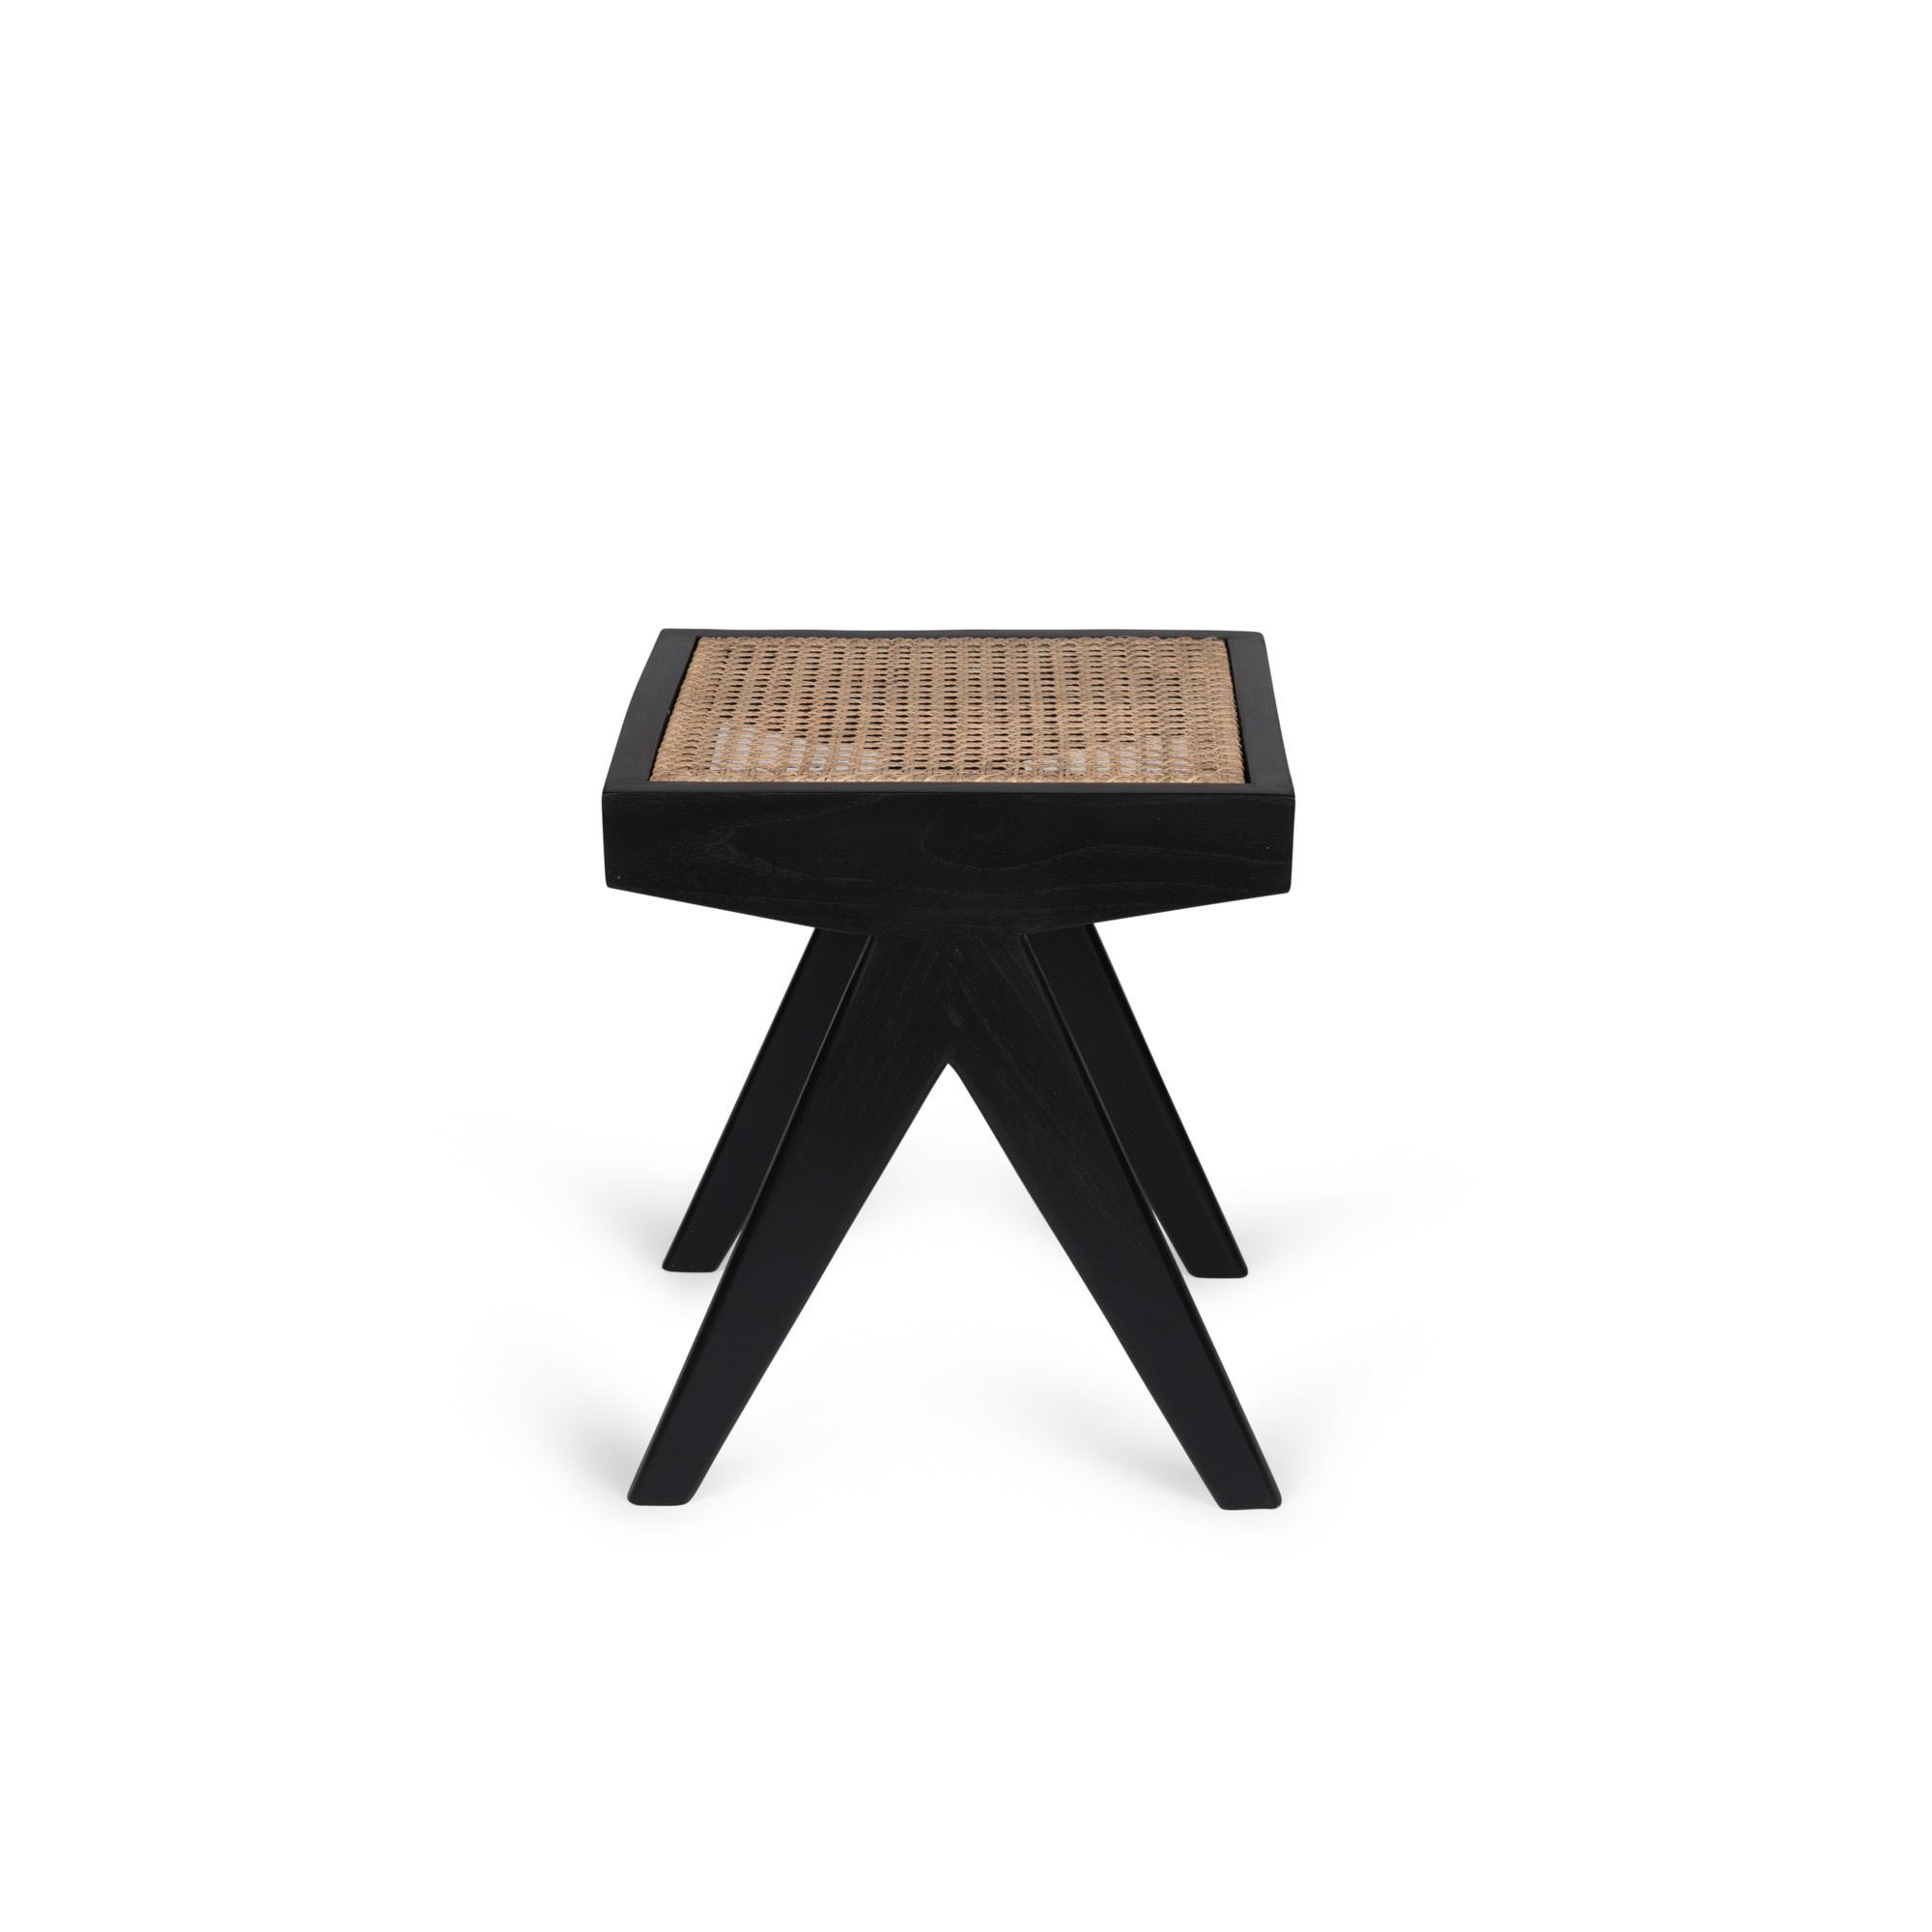 Bench / B.T.H. Flats 1 - Charcoal Black-2